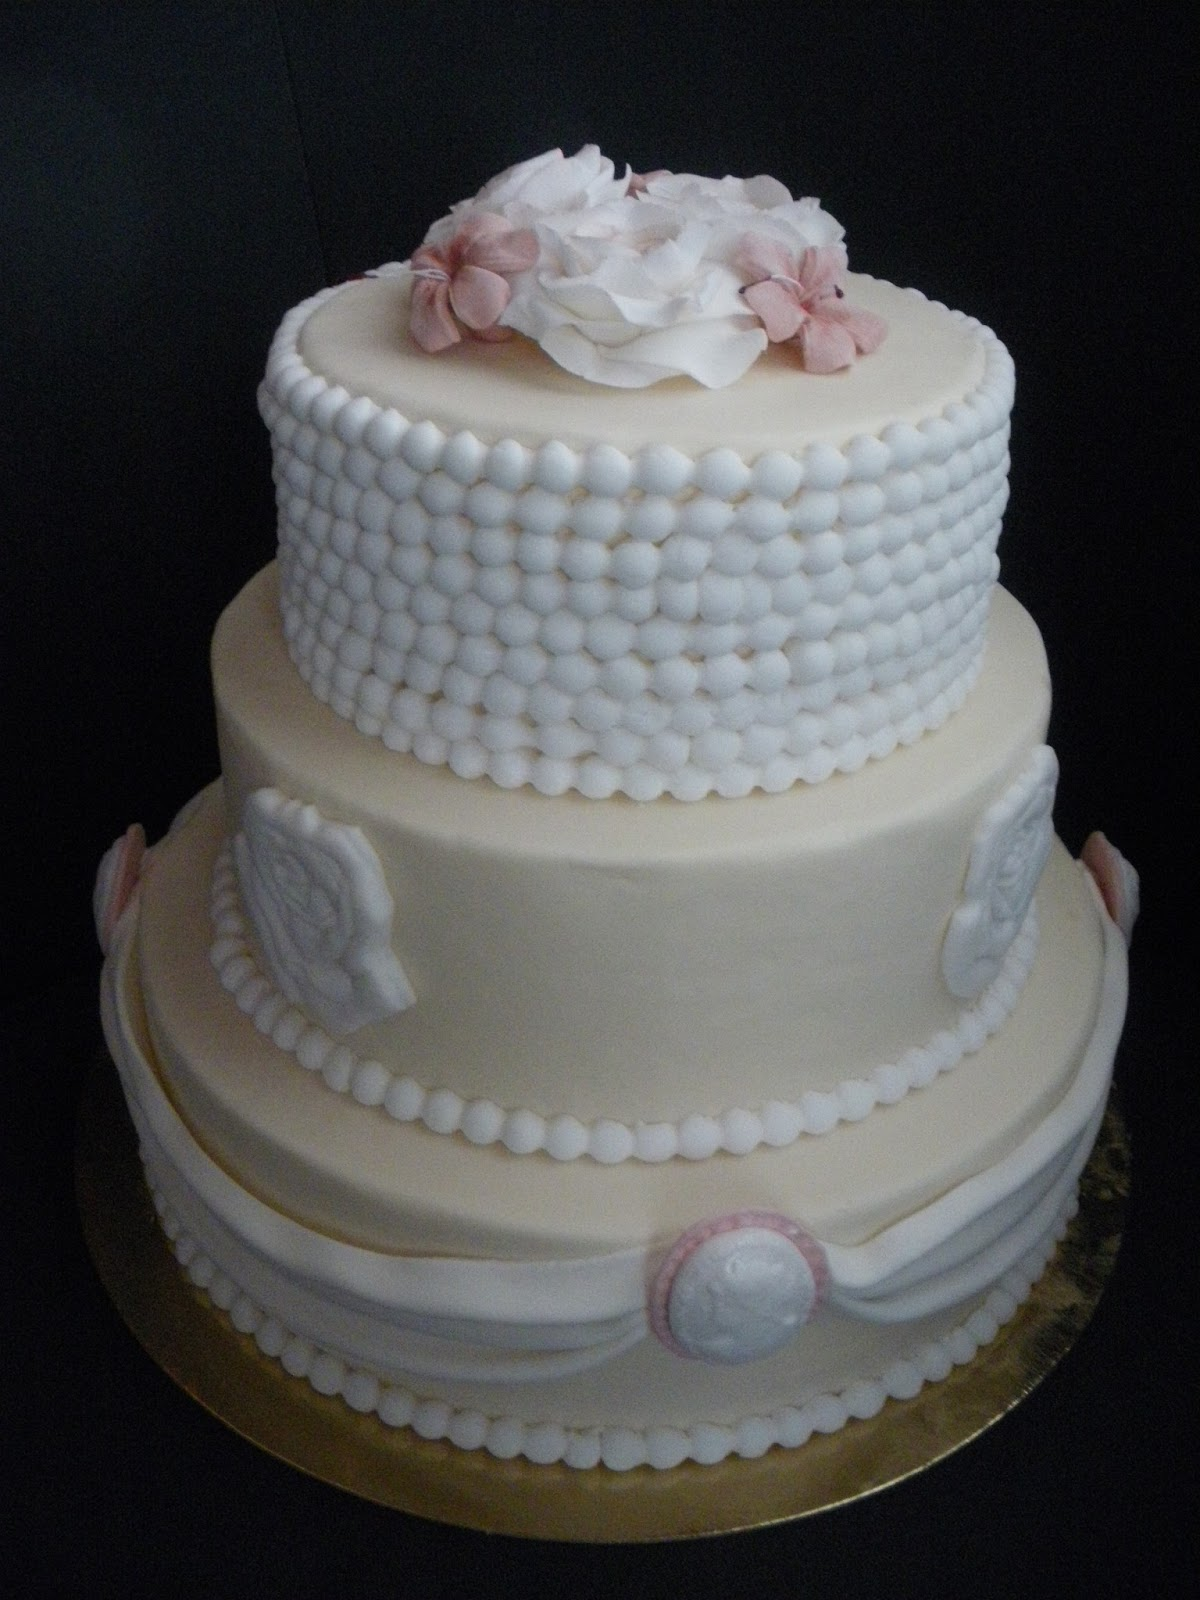 Dallo zucchero alle torte torta rose tre piani for Piani a tre piani